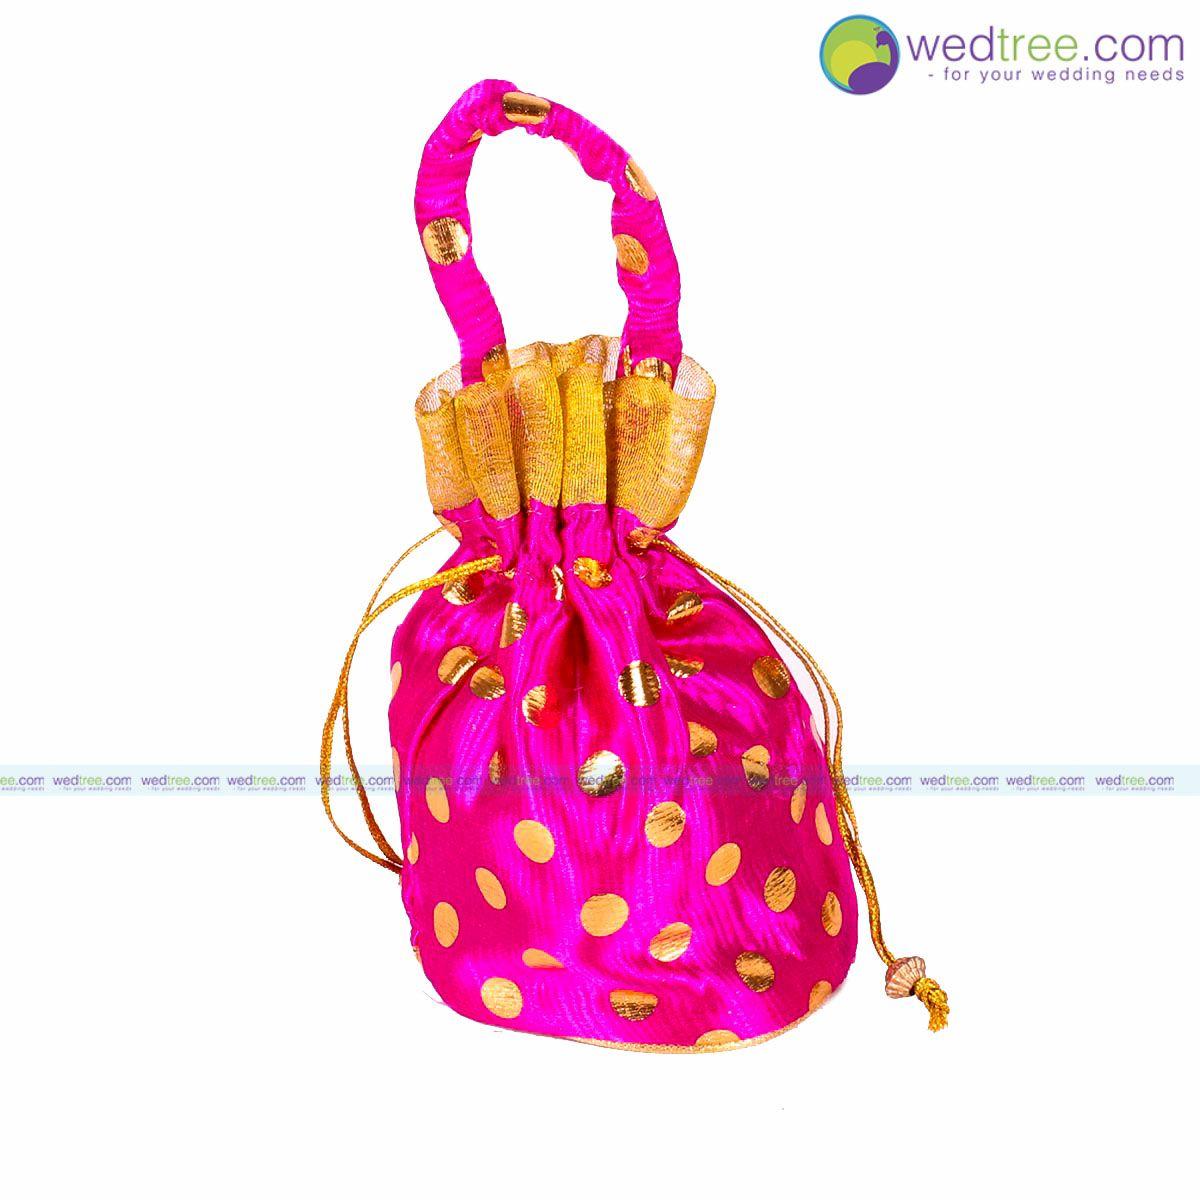 Ungewöhnlich Small Bags For Wedding Favors Bilder - Brautkleider ...